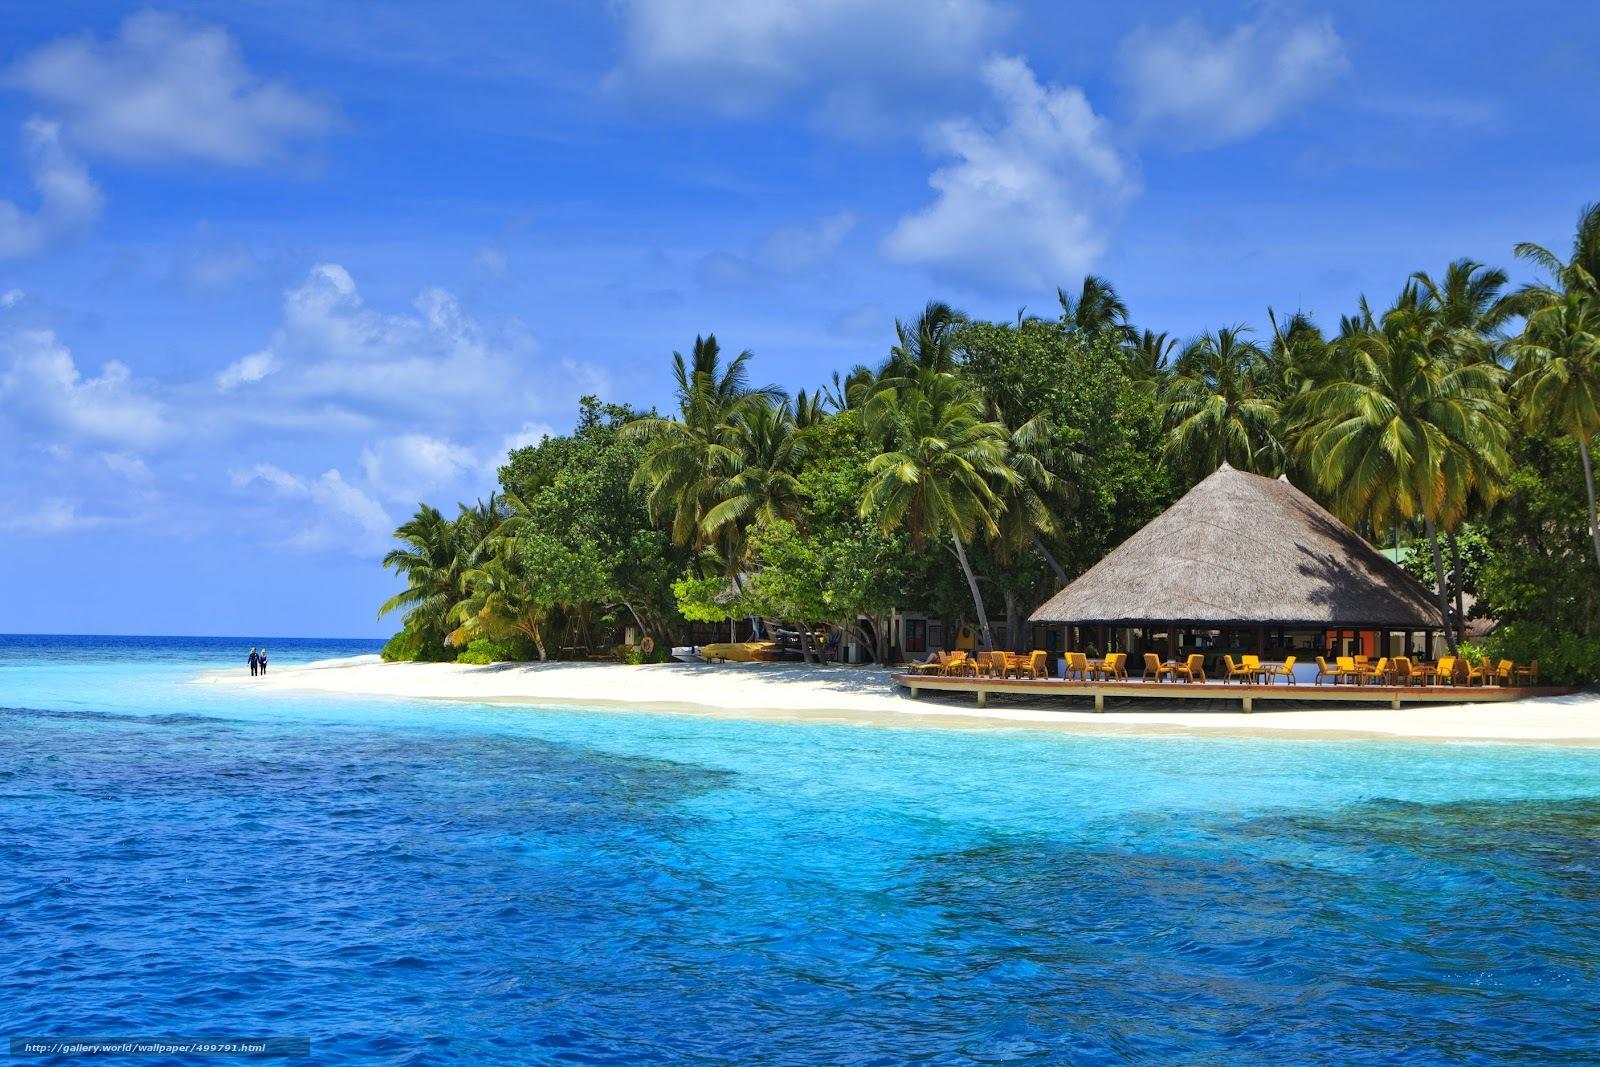 Скачать обои Мальдивы,  тропики,  пляж,  пальмы бесплатно для рабочего стола в разрешении 1600x1067 — картинка №499791